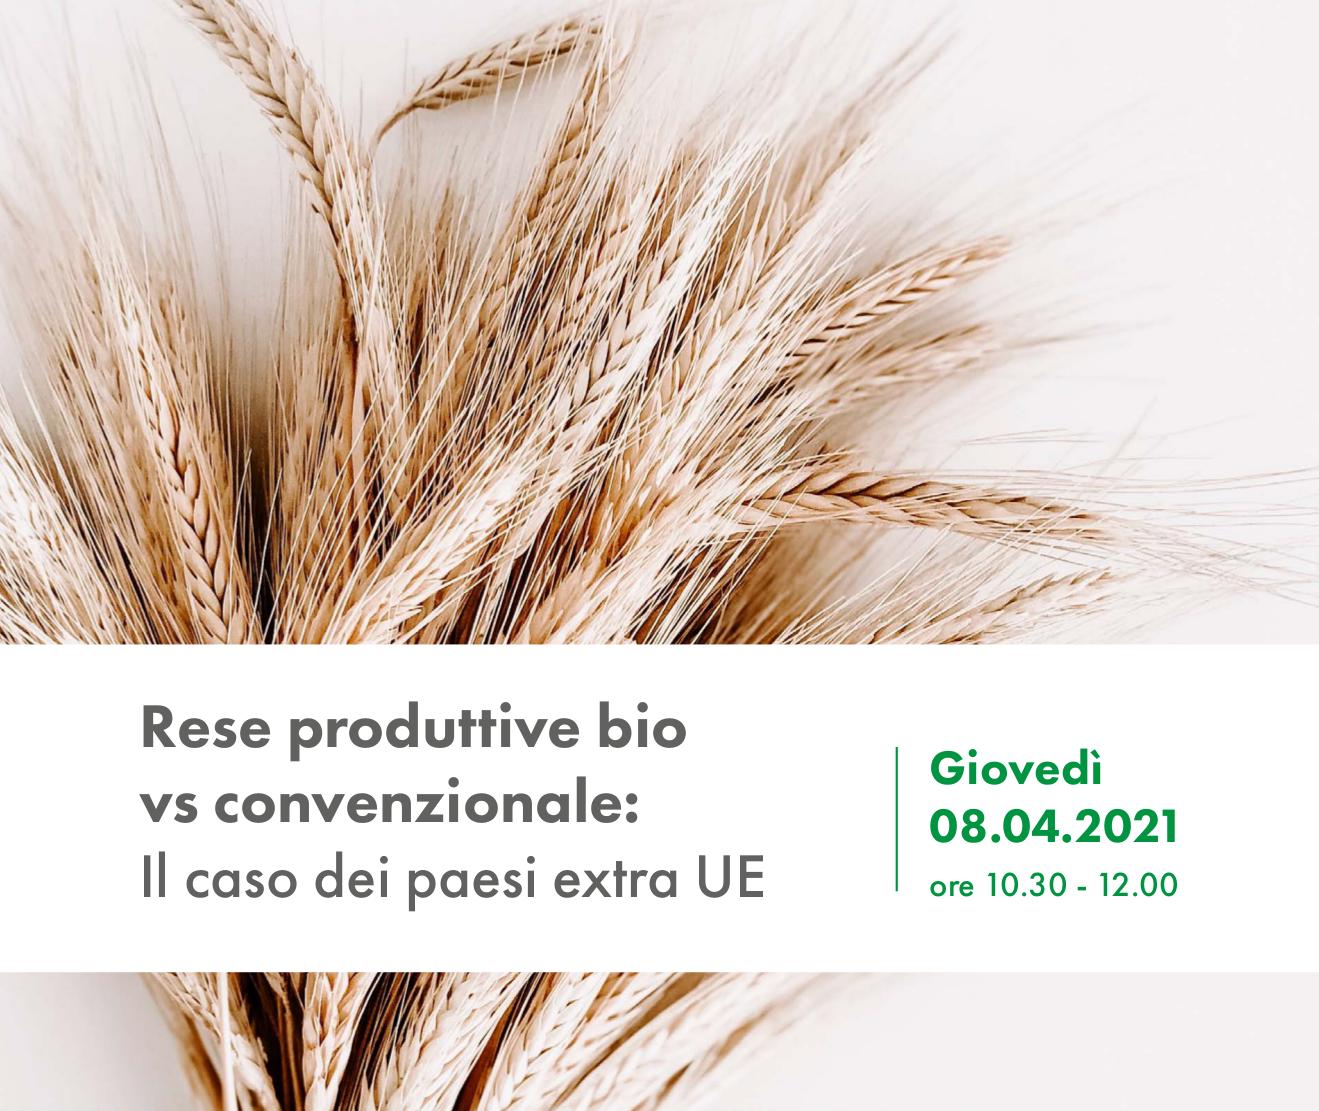 Rese produttive bio vs convenzionale: Il caso dei paesi extra UE